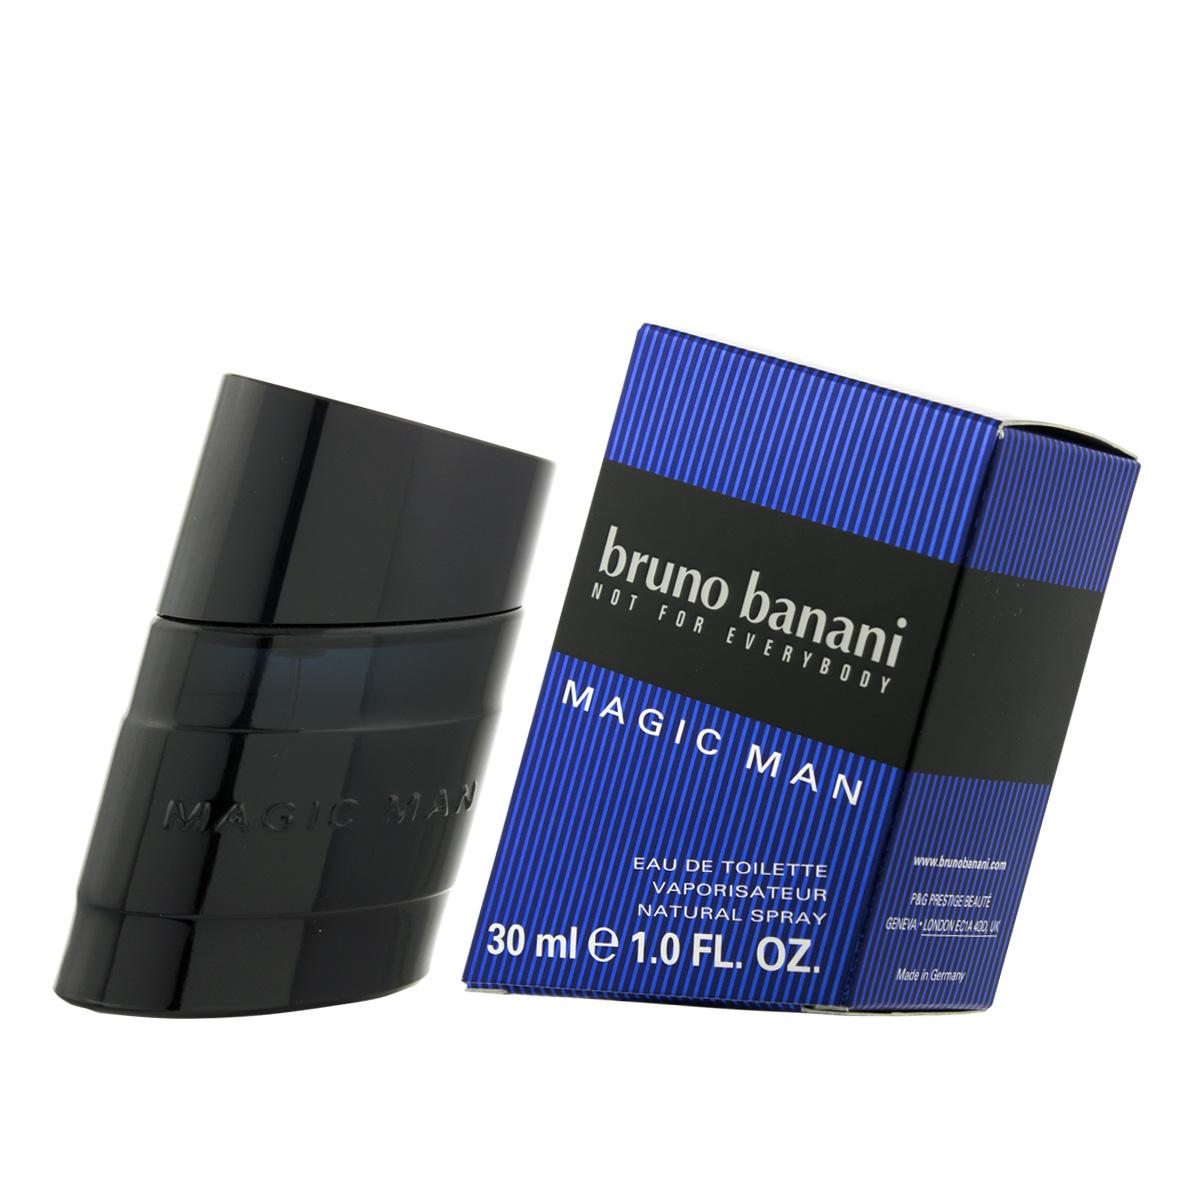 Bruno Banani Magic Man EDT 30 ml M